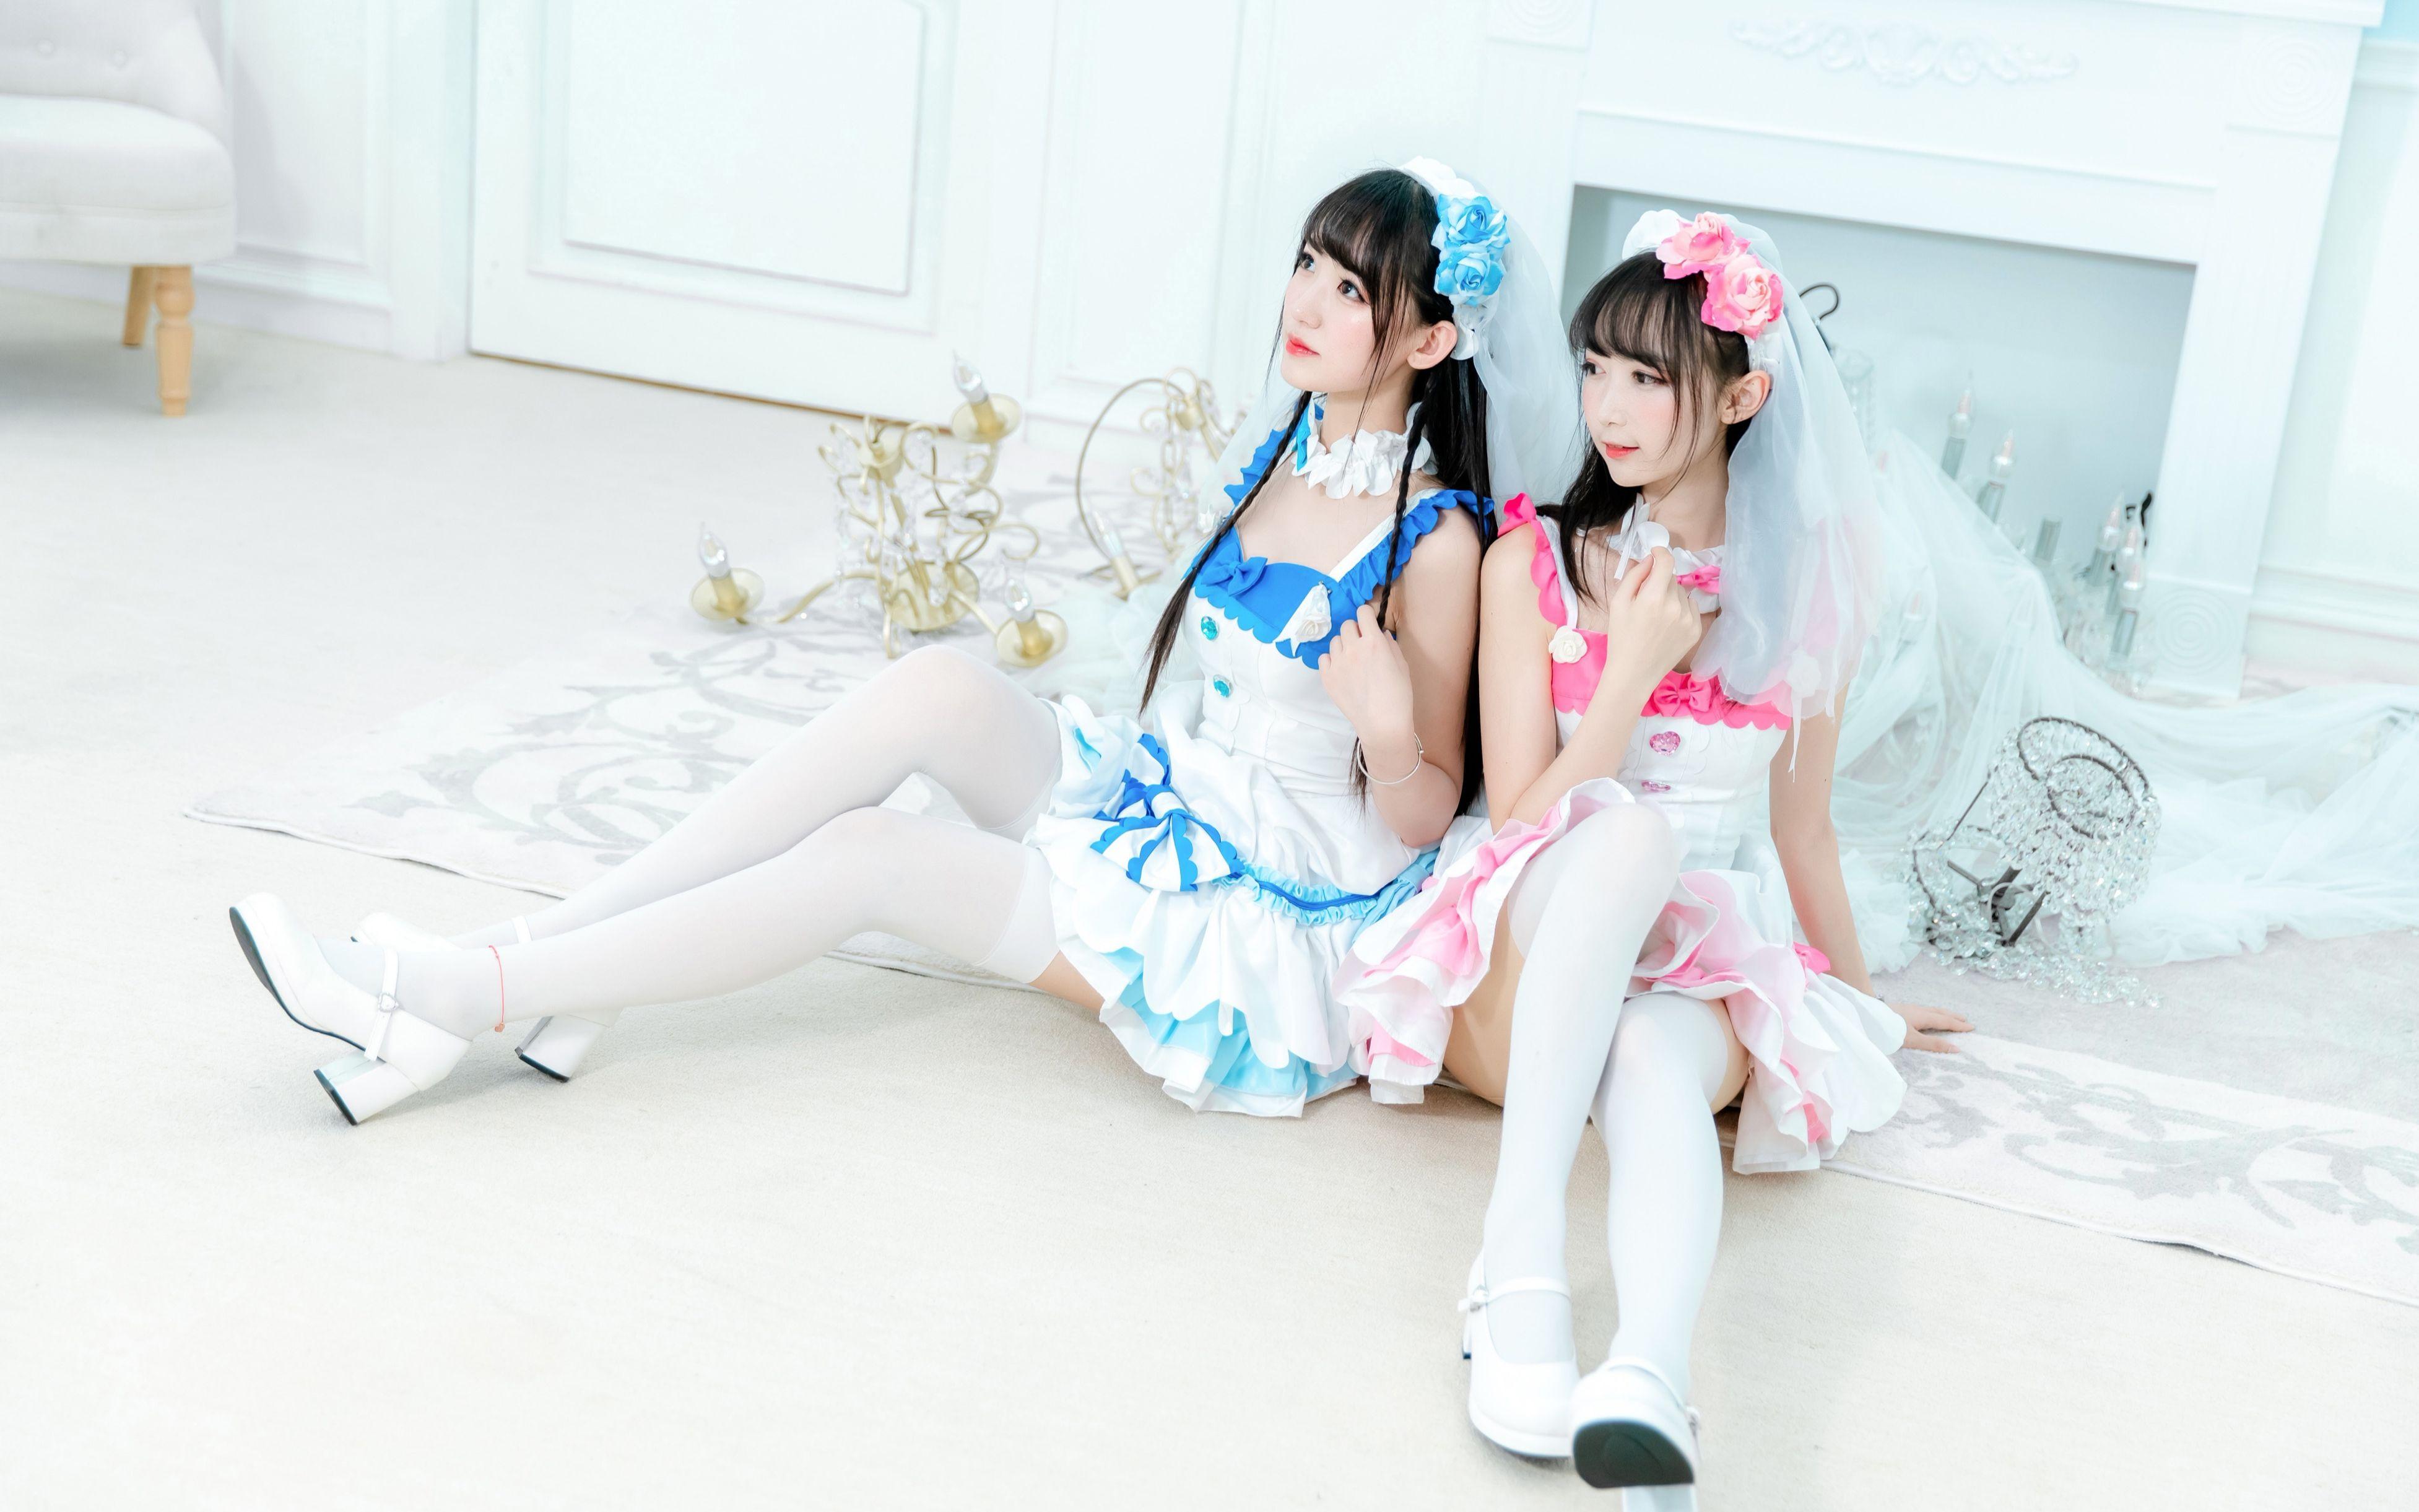 【兔总裁♡椭奇】勾指起誓❤自唱跳❤穿上花嫁你就是我的了!